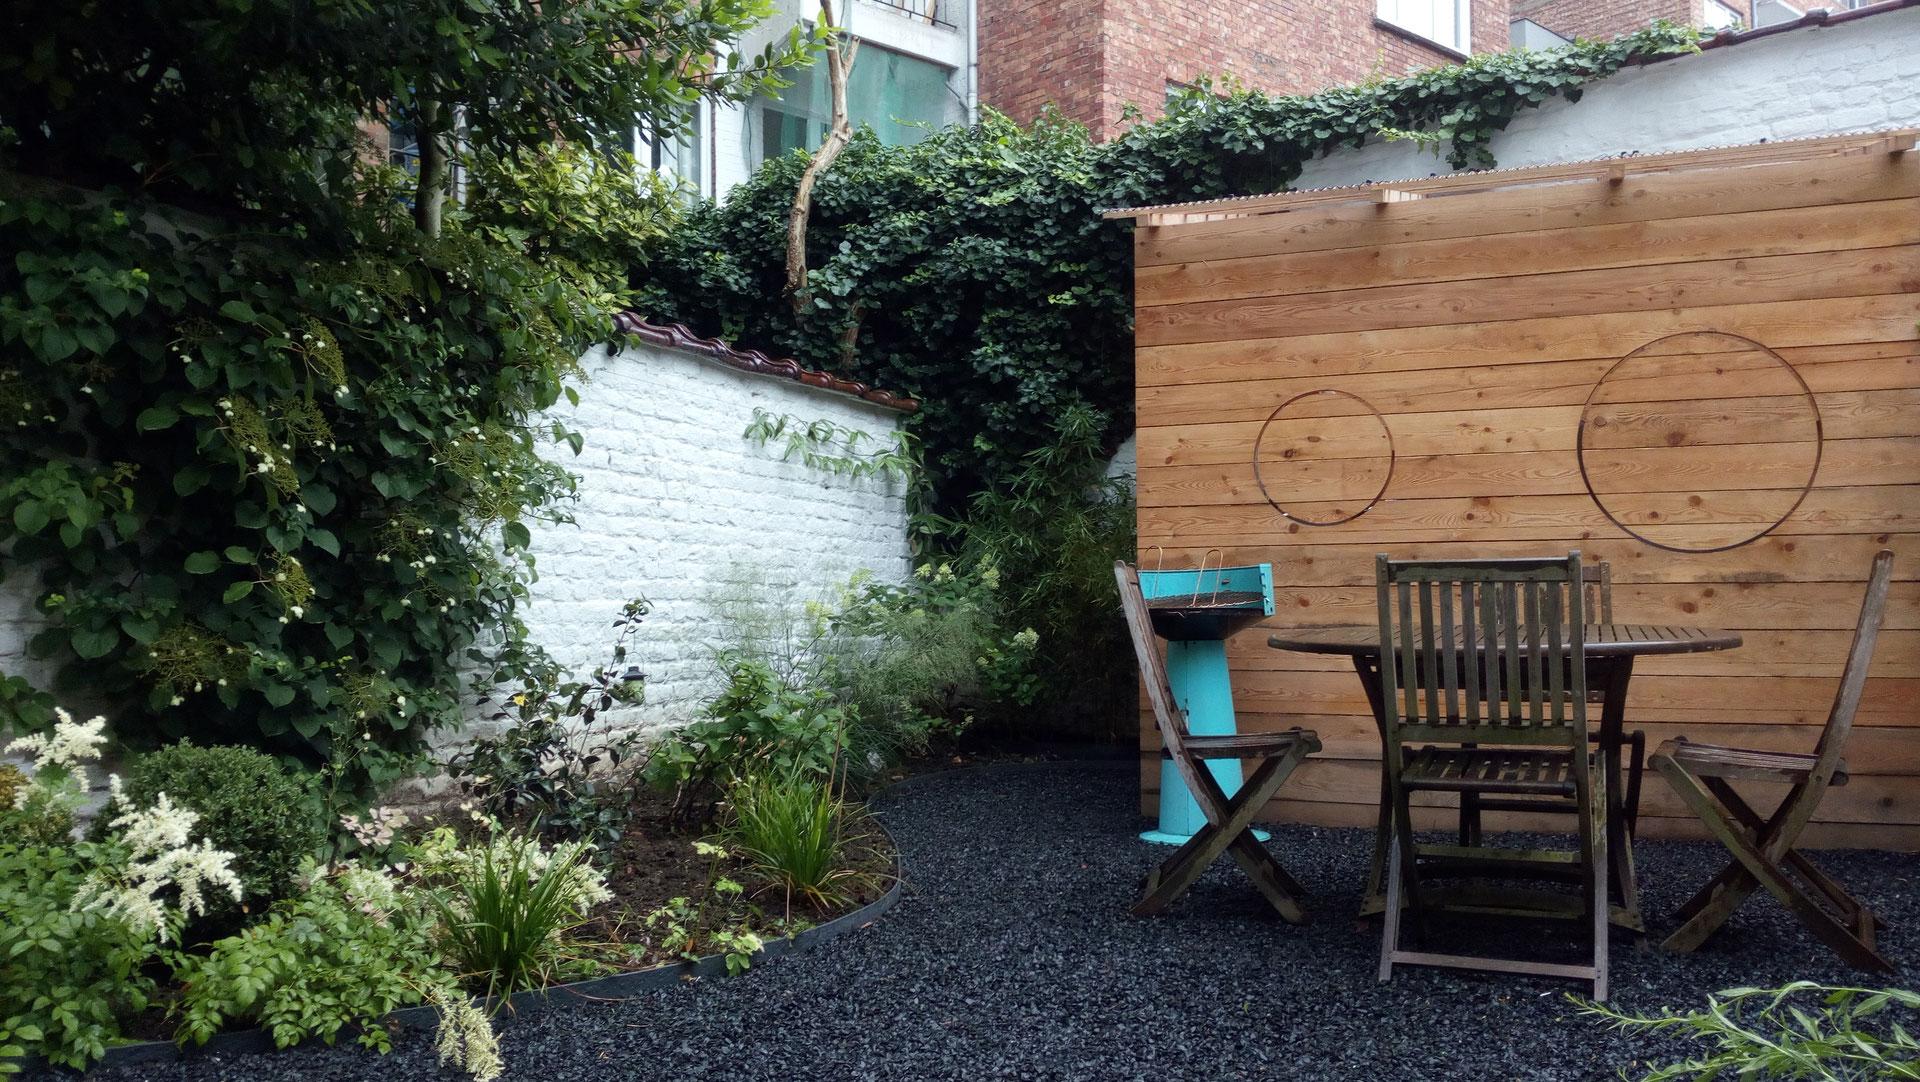 Organiser son jardin paysagiste bruxelles for Organiser jardin